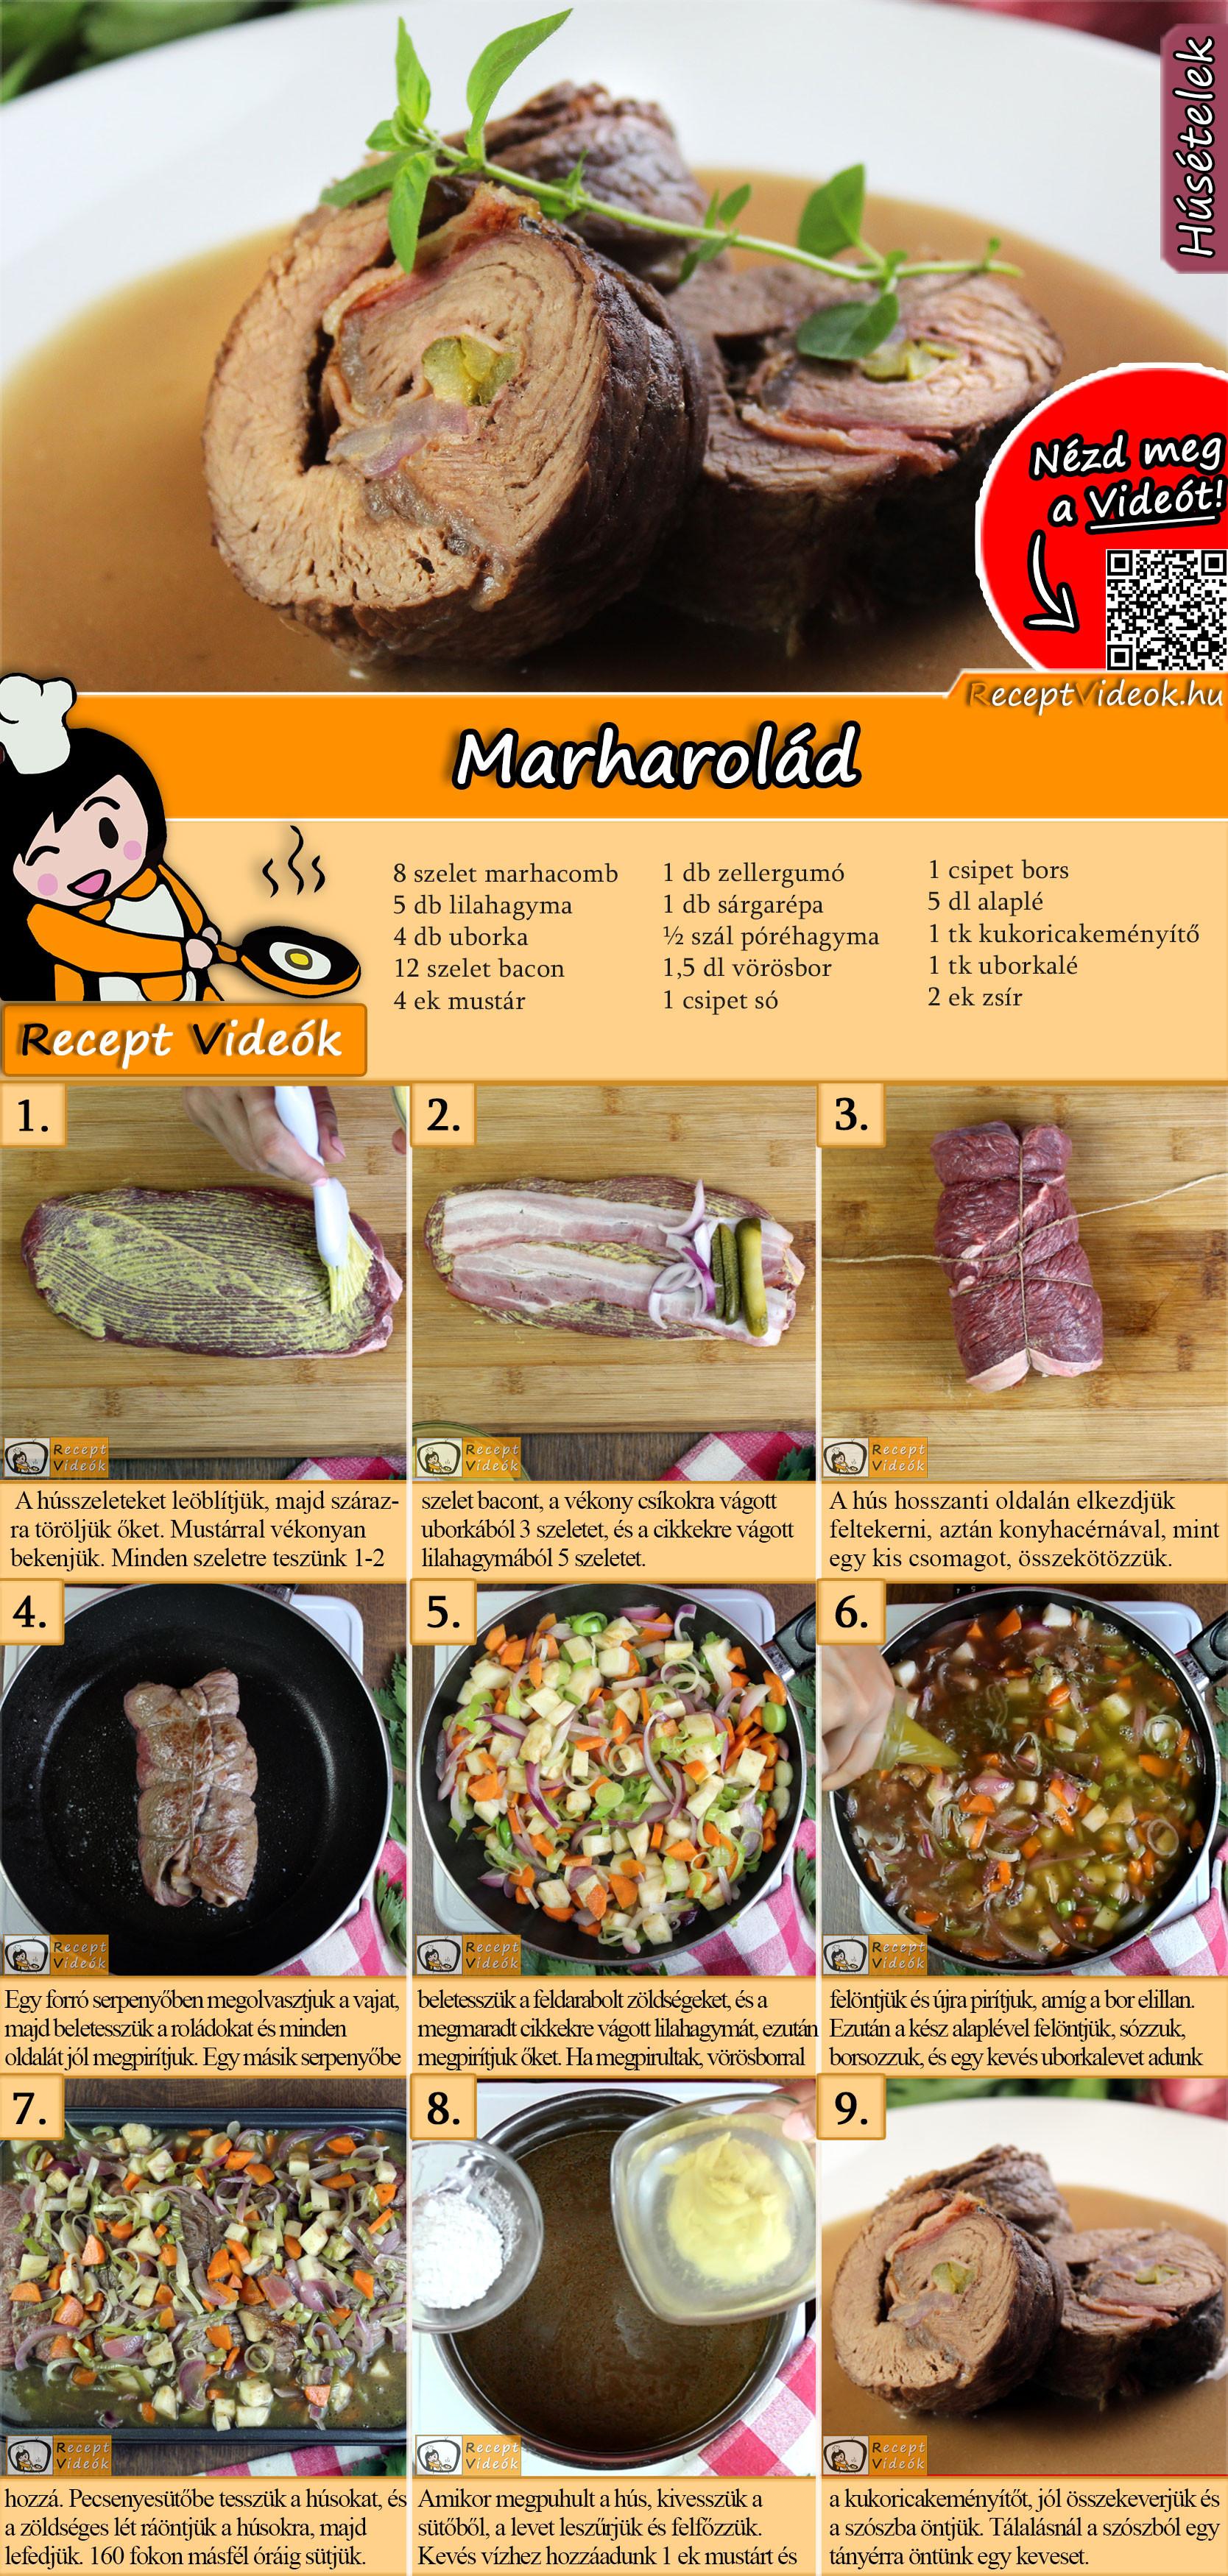 Marharolád recept elkészítése videóval